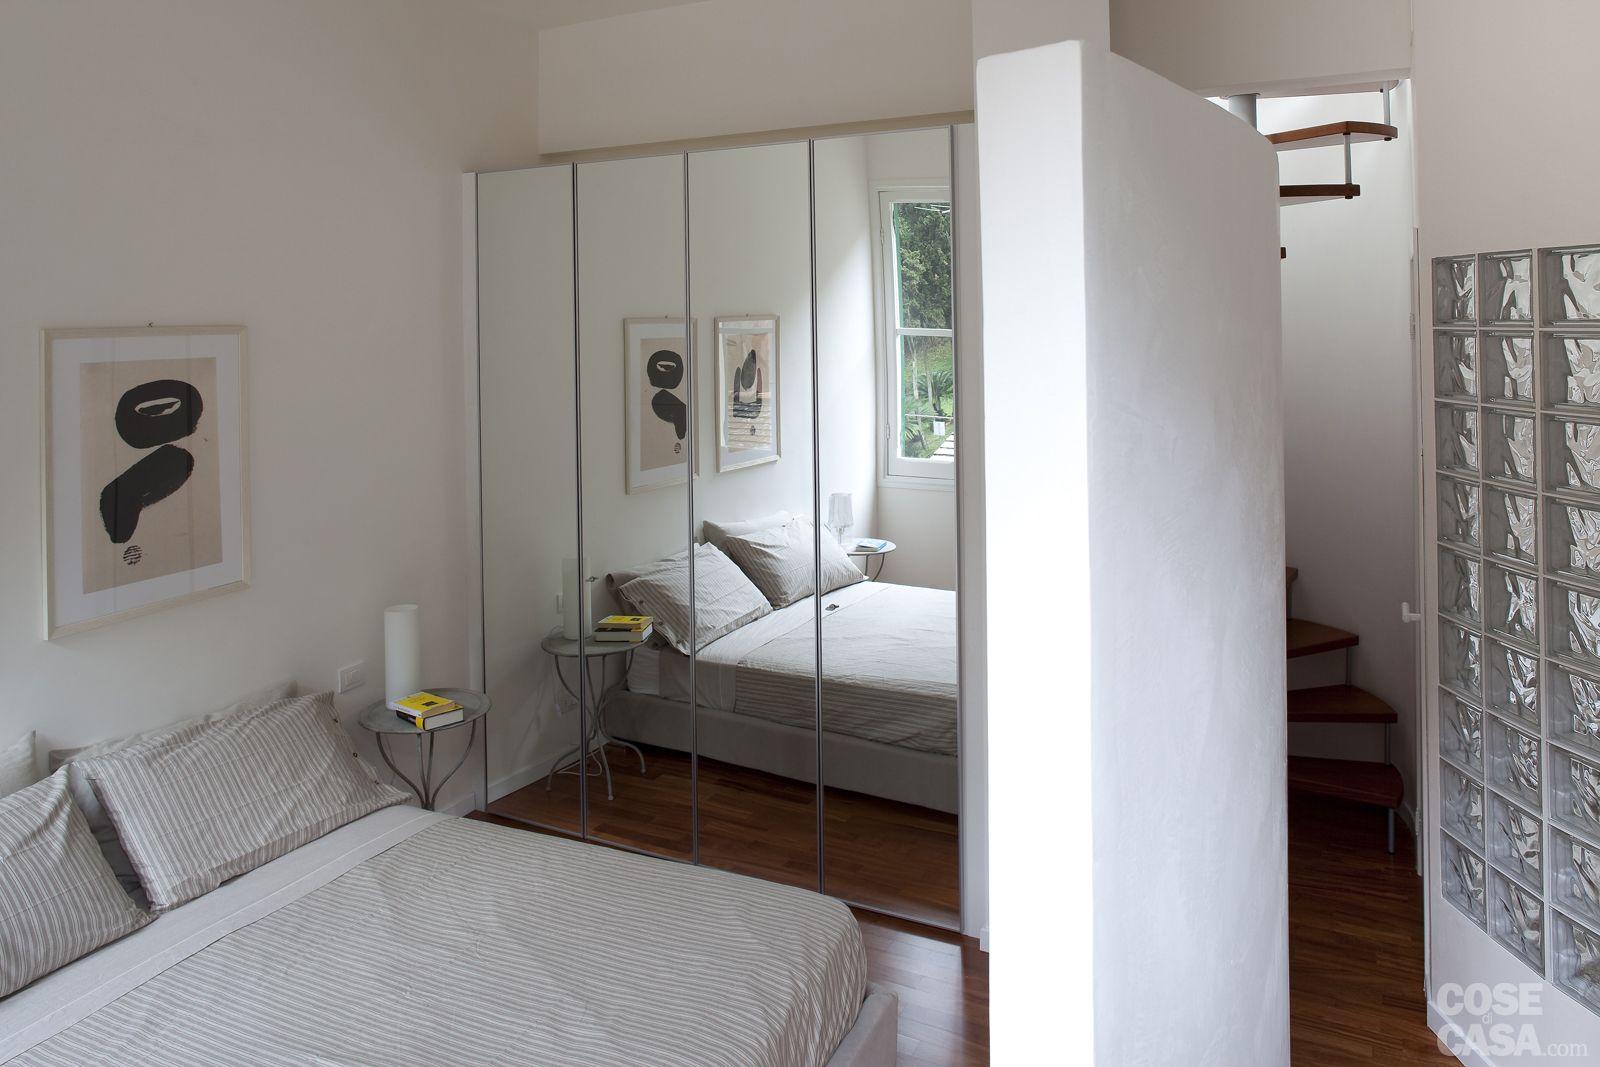 Camere da letto piccole cerca con google idee per la casa pinterest searching - Piccole camere da letto ...